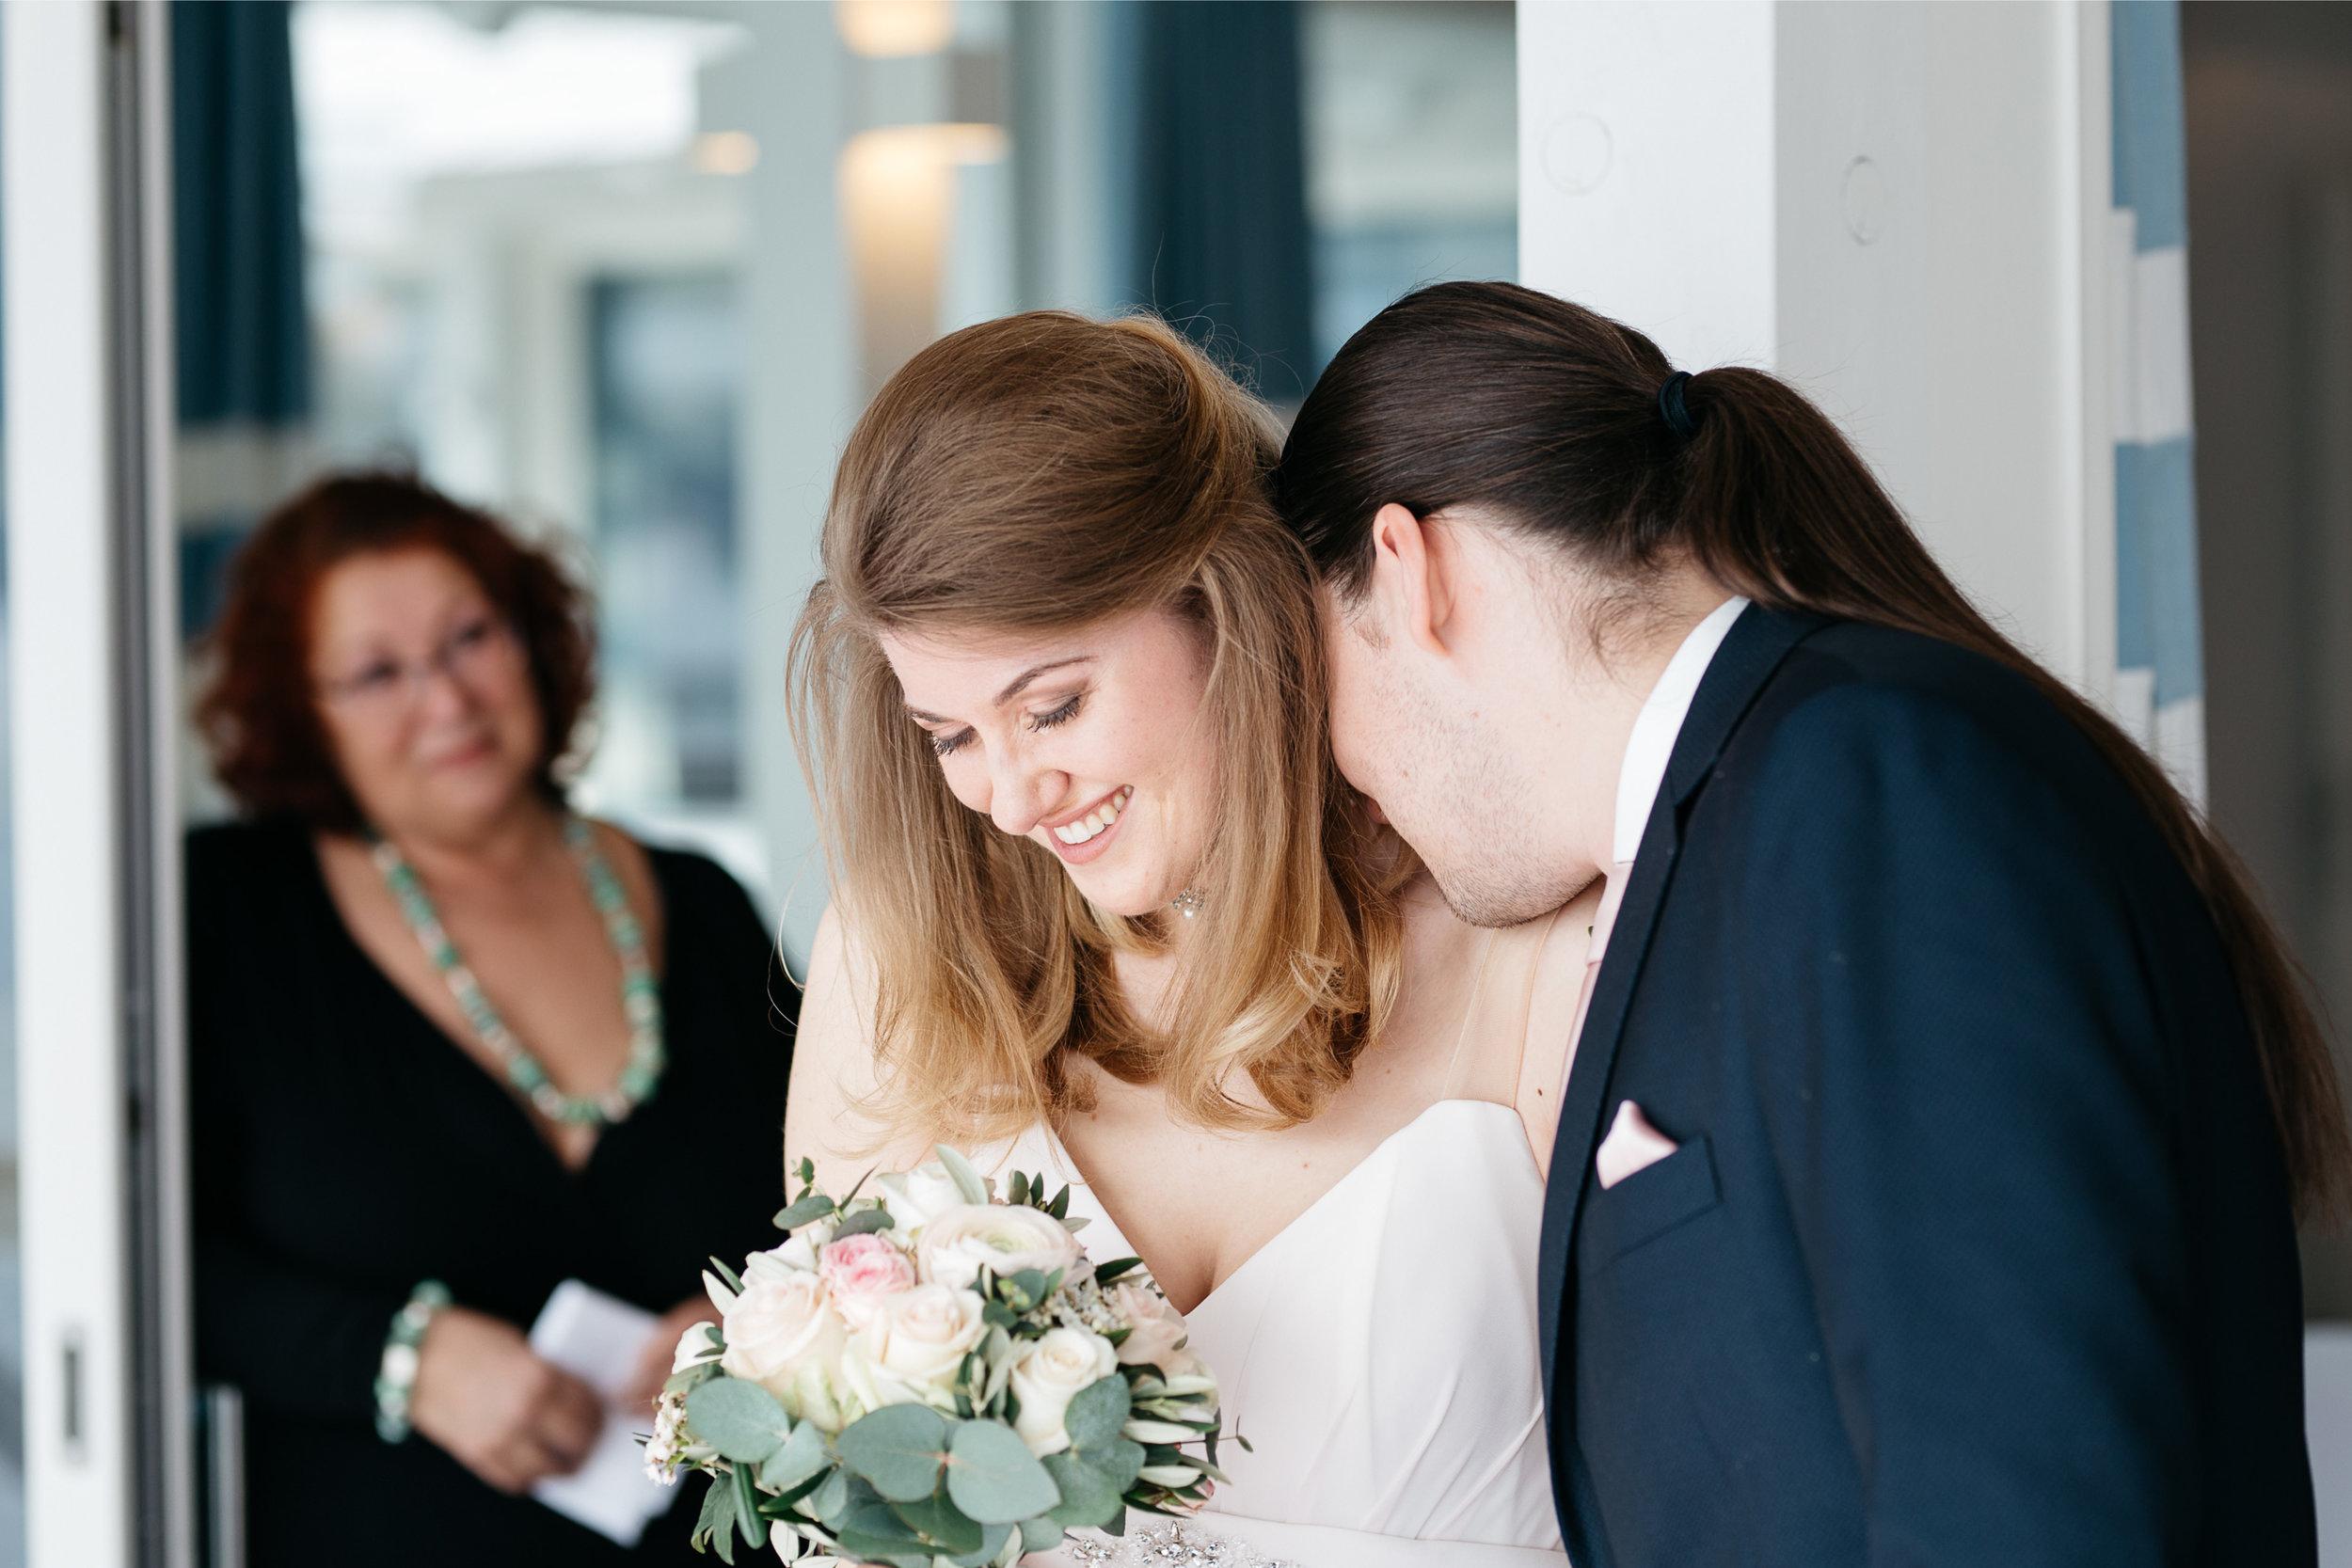 spring_lake_wedding_in_white_rose-03.jpg